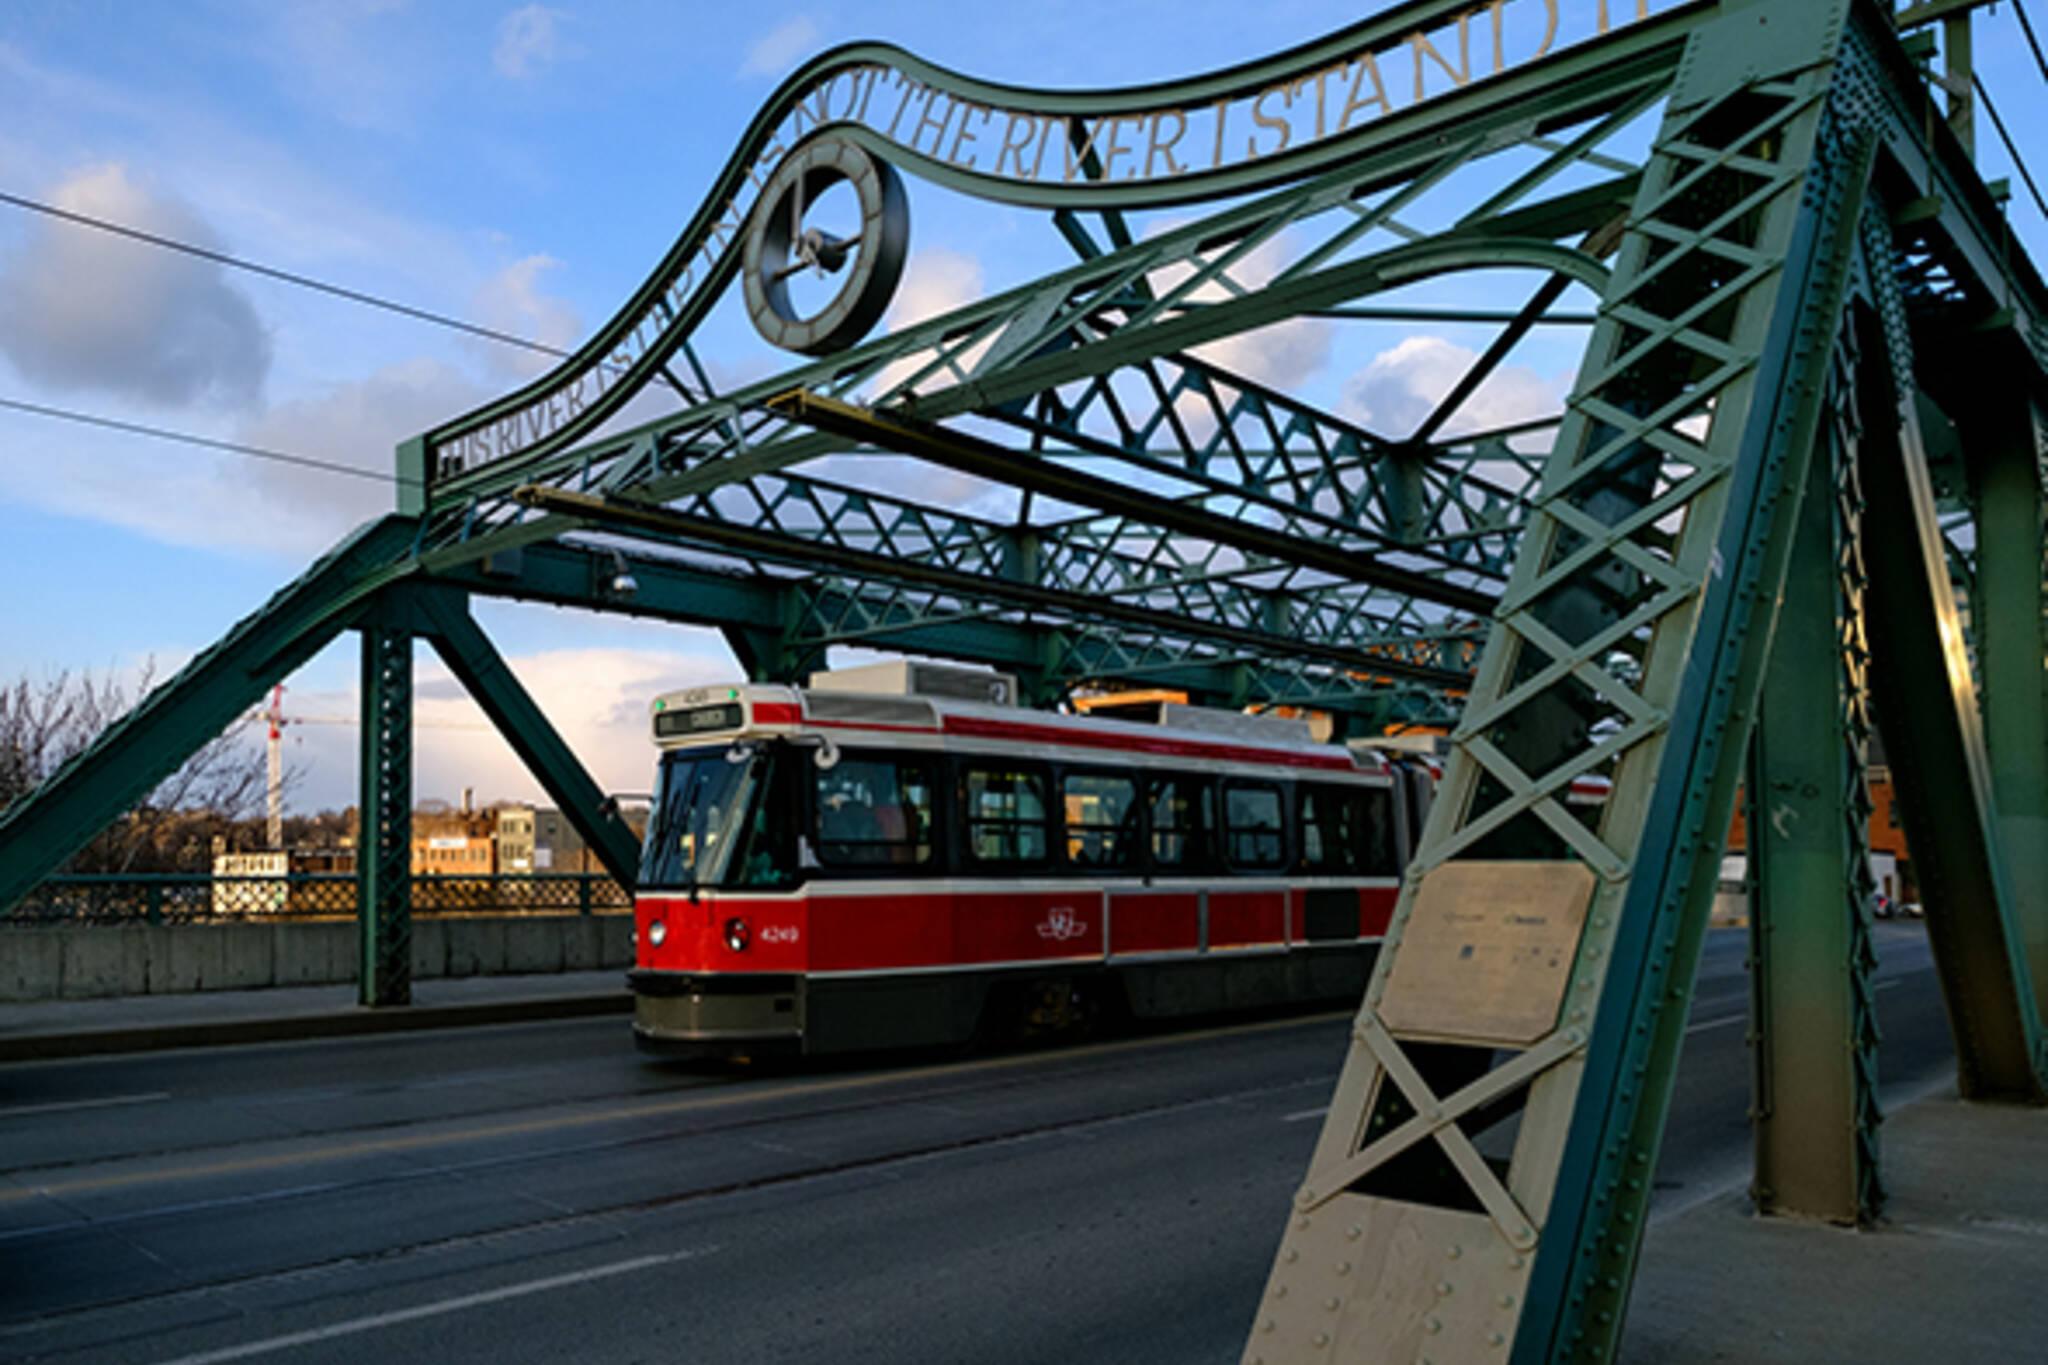 501 queen streetcar